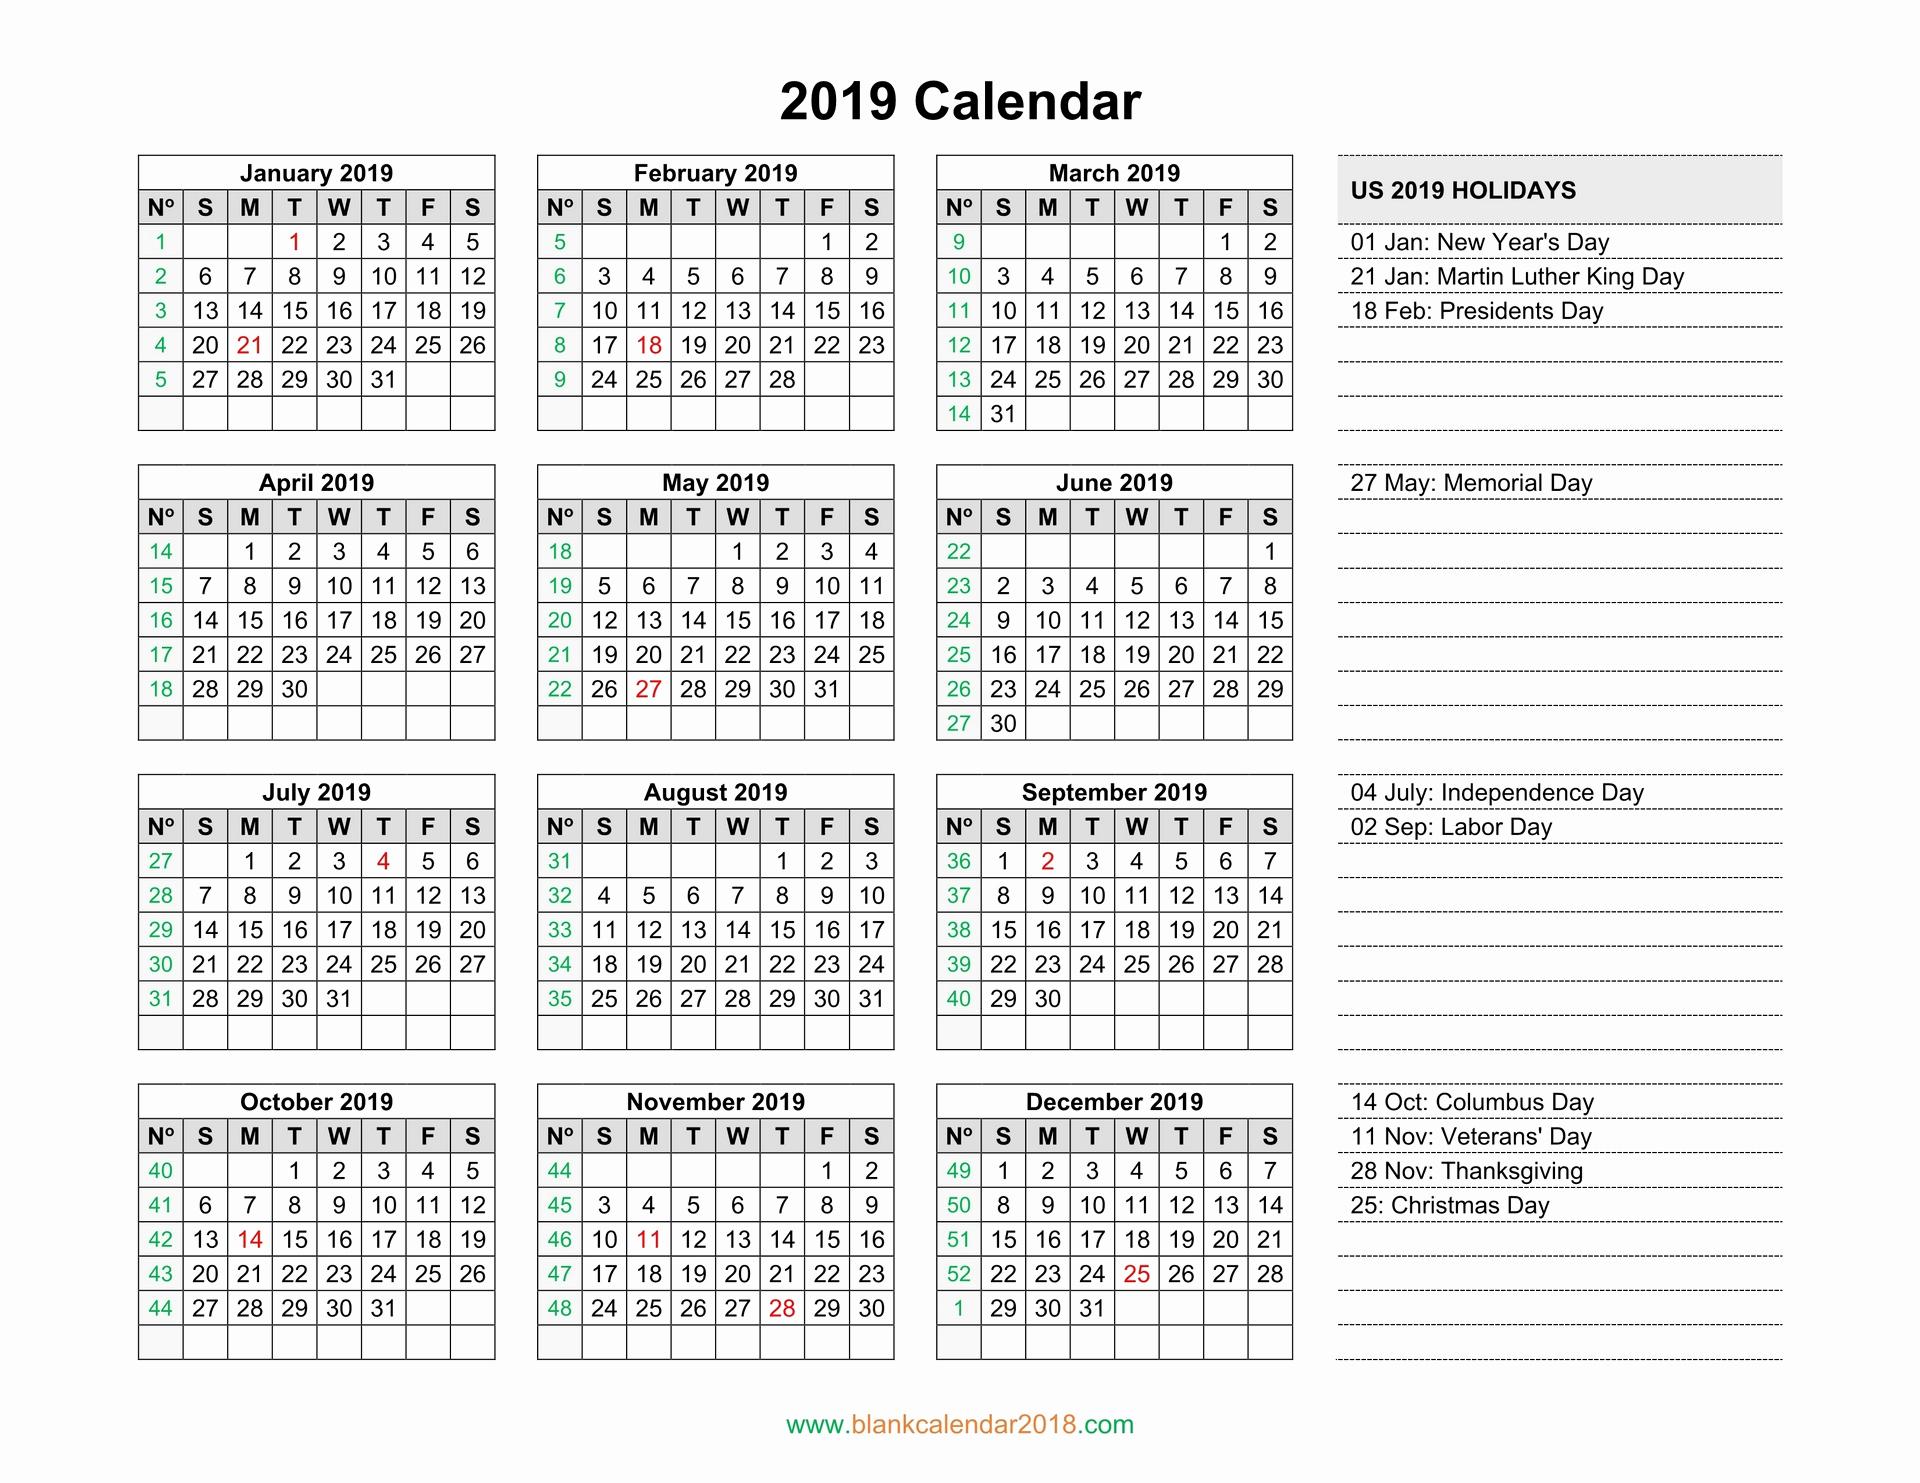 Blank Calendar Template 2019 Best Of Blank Calendar 2019